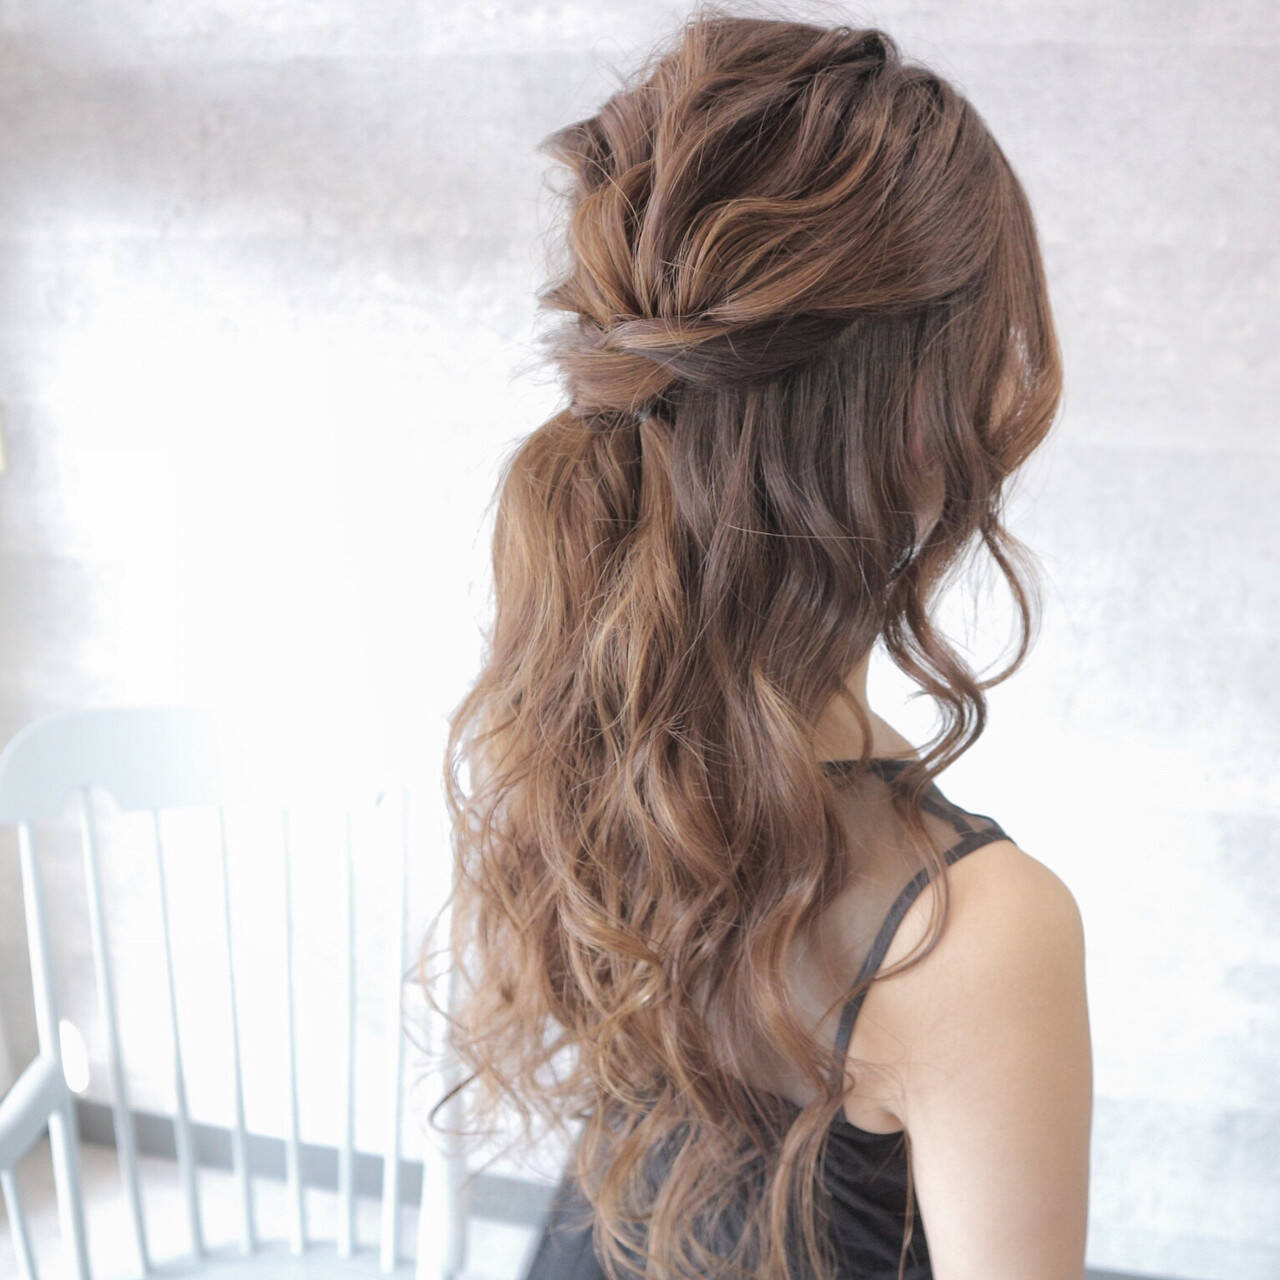 パーティ デート ロング 結婚式ヘアスタイルや髪型の写真・画像